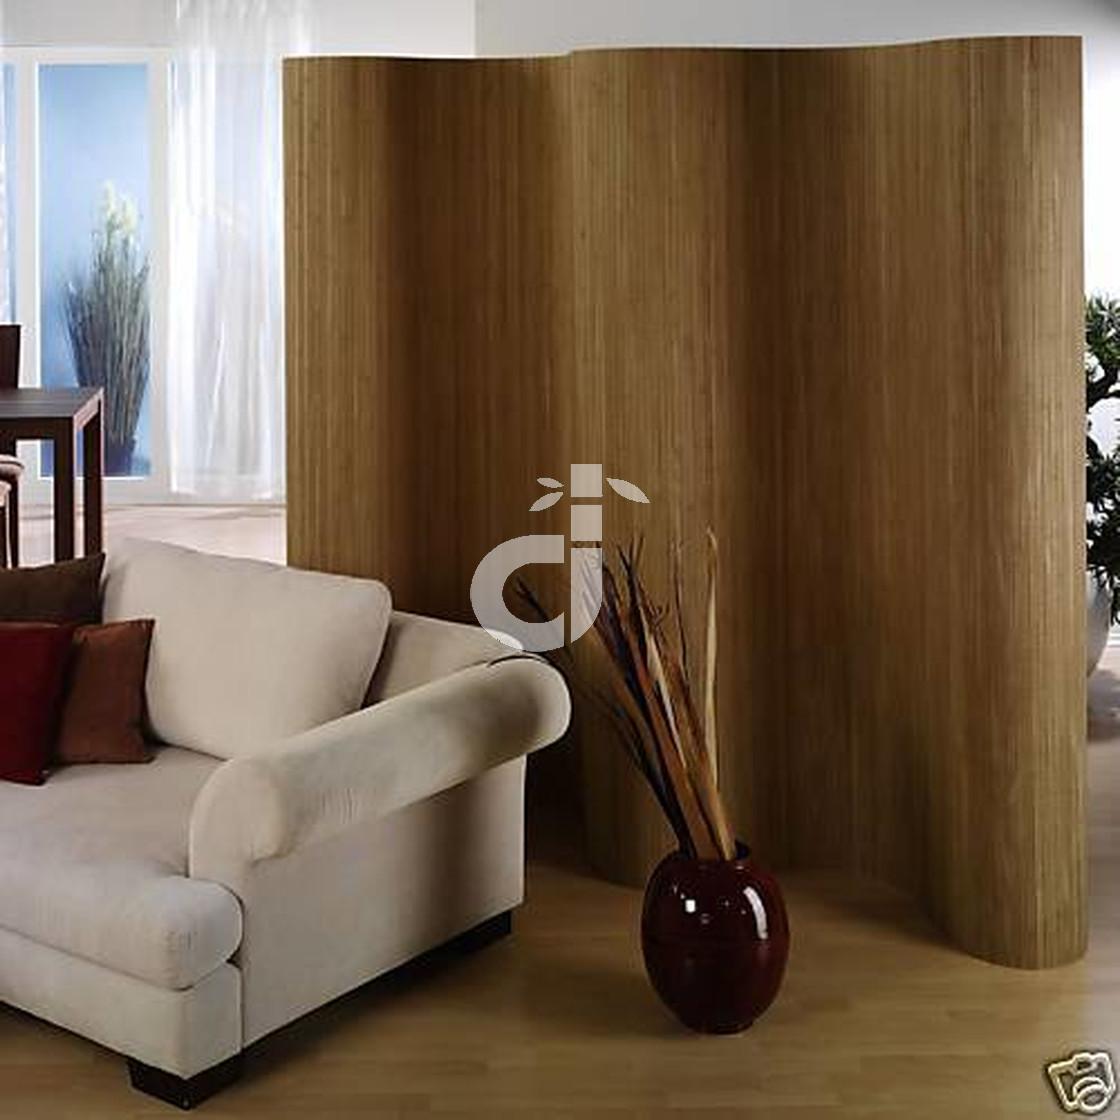 Full Size of Paravent Bambus Raumteiler Trennwand Sichtschutz Aus Farbe Gold Garten Bett Wohnzimmer Paravent Bambus